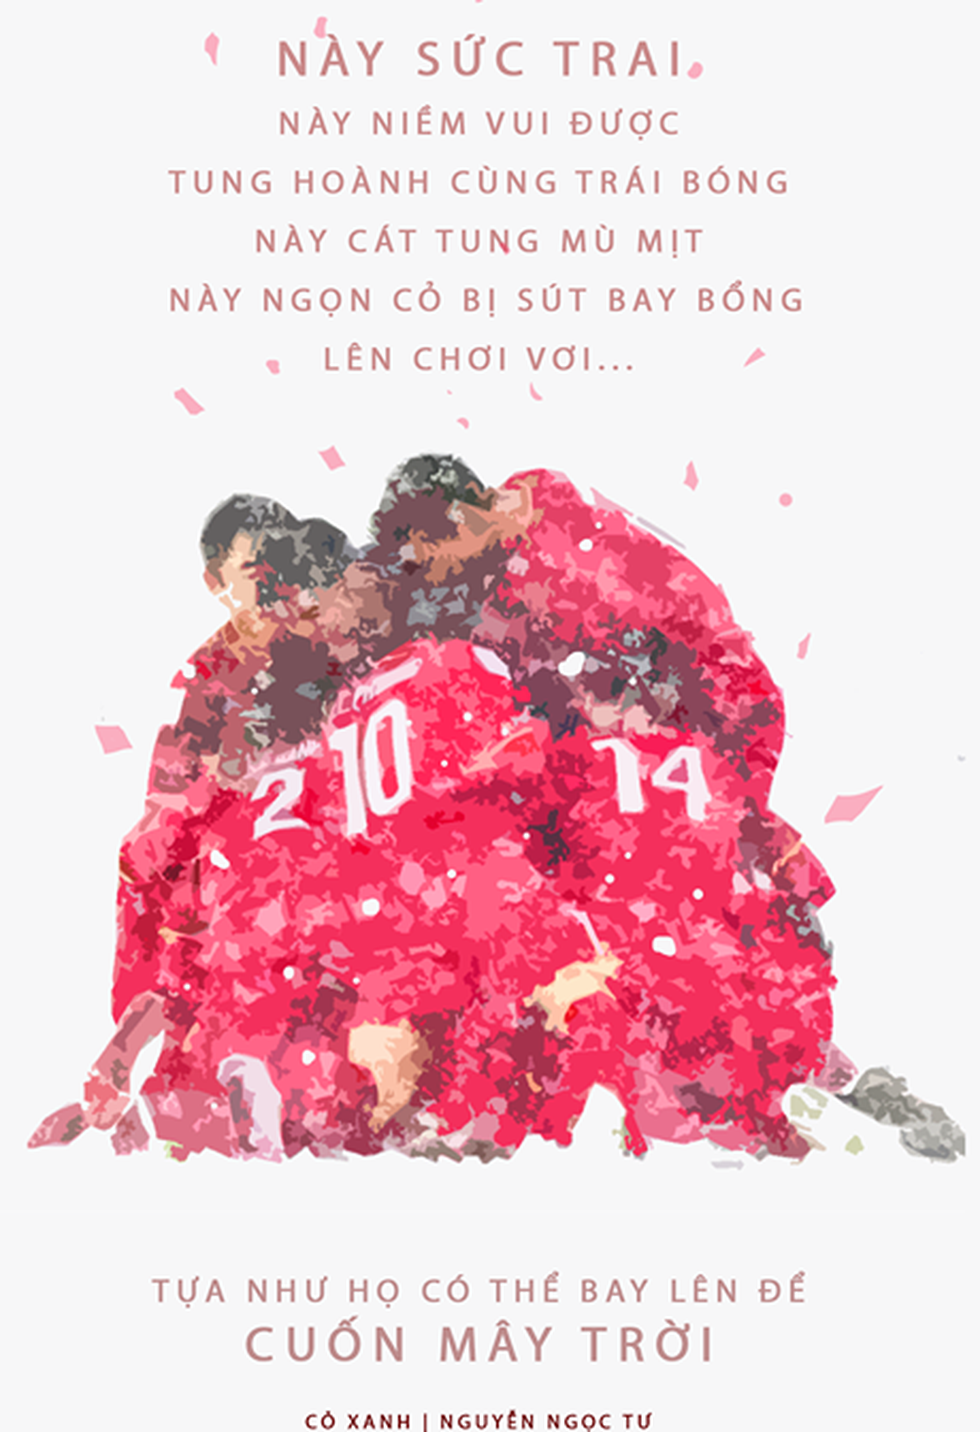 Loạt hình vẽ đáng yêu về hành trình đáng nhớ của U23 Việt Nam - Ảnh 12.